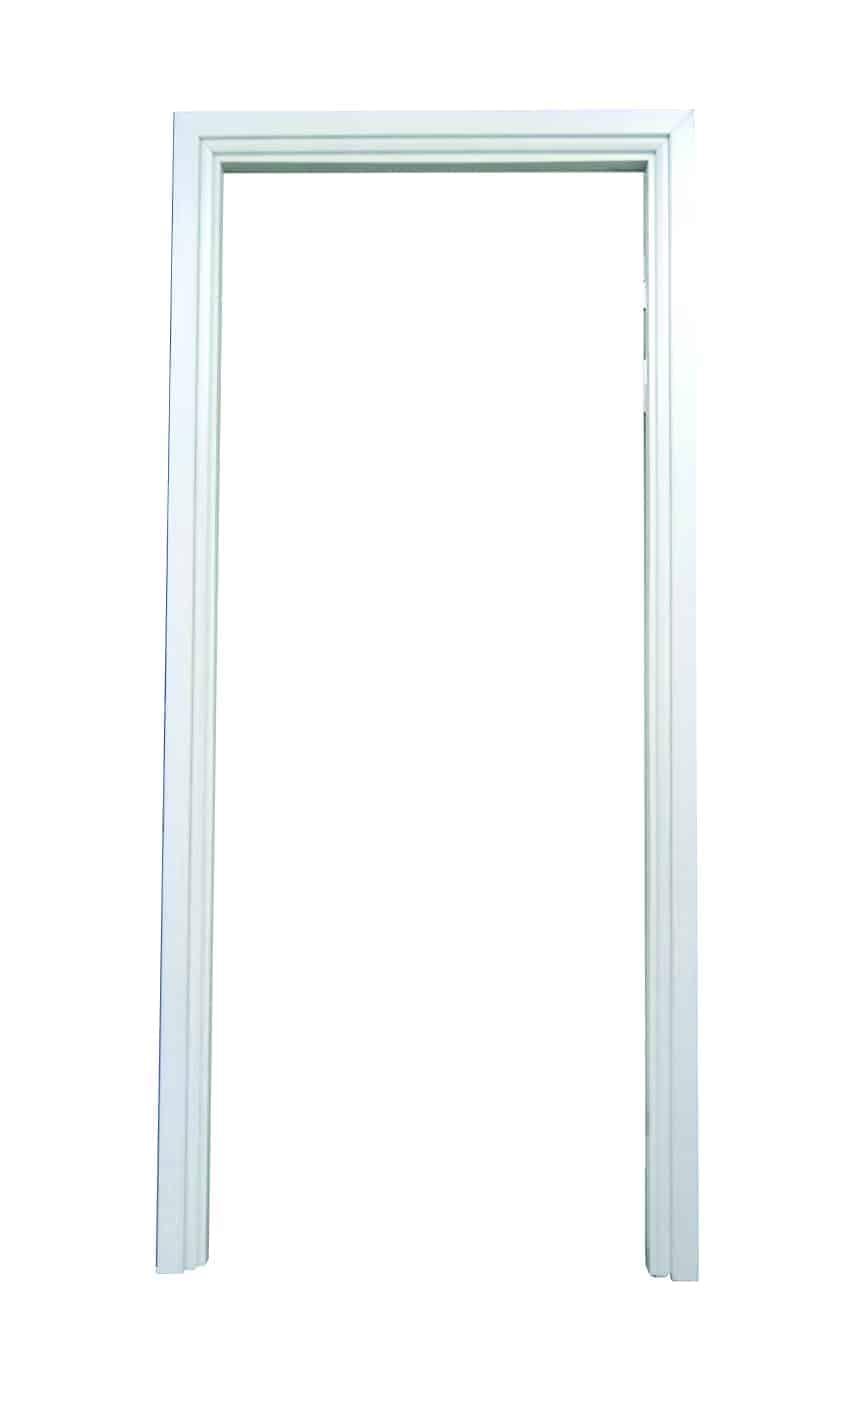 วงกบประตู UPVC แบบมีซับ รุ่น SUB 204 สีขาวงาช้าง แบบติดตั้งแห้ง